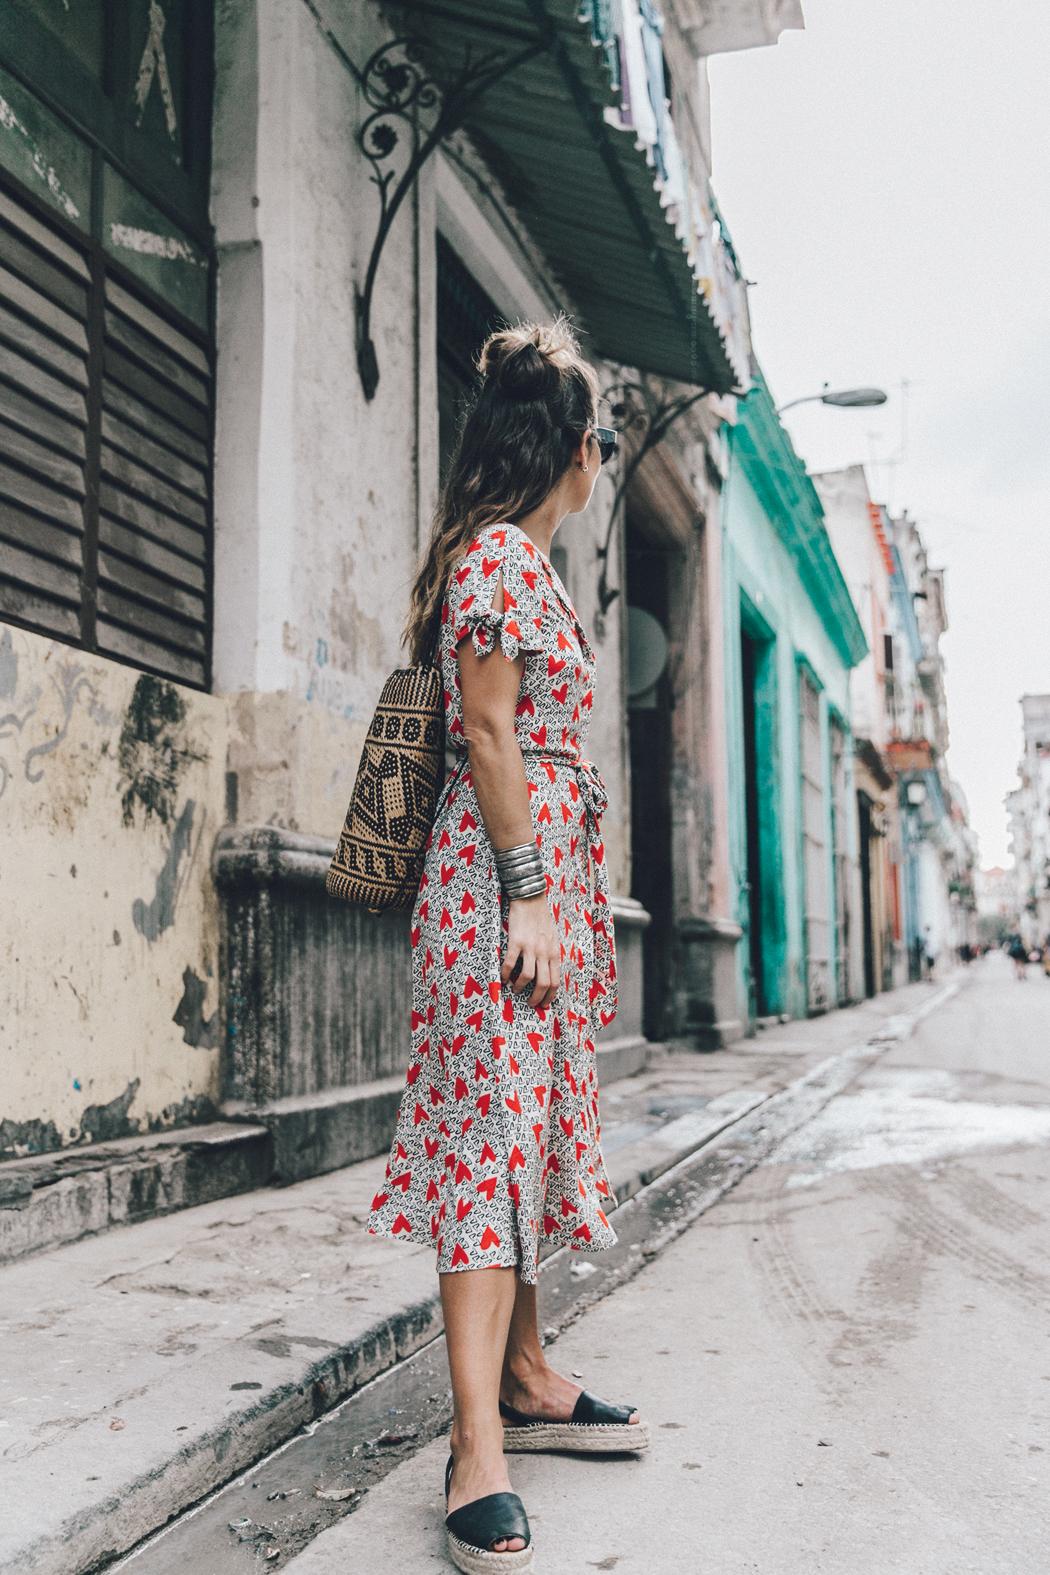 Cuba-La_Habana_Vieja-Hearts_Dress-Styled_By_Me-Aloha_Espadrilles-Outfit-Street_Style-Dress-Backpack-20